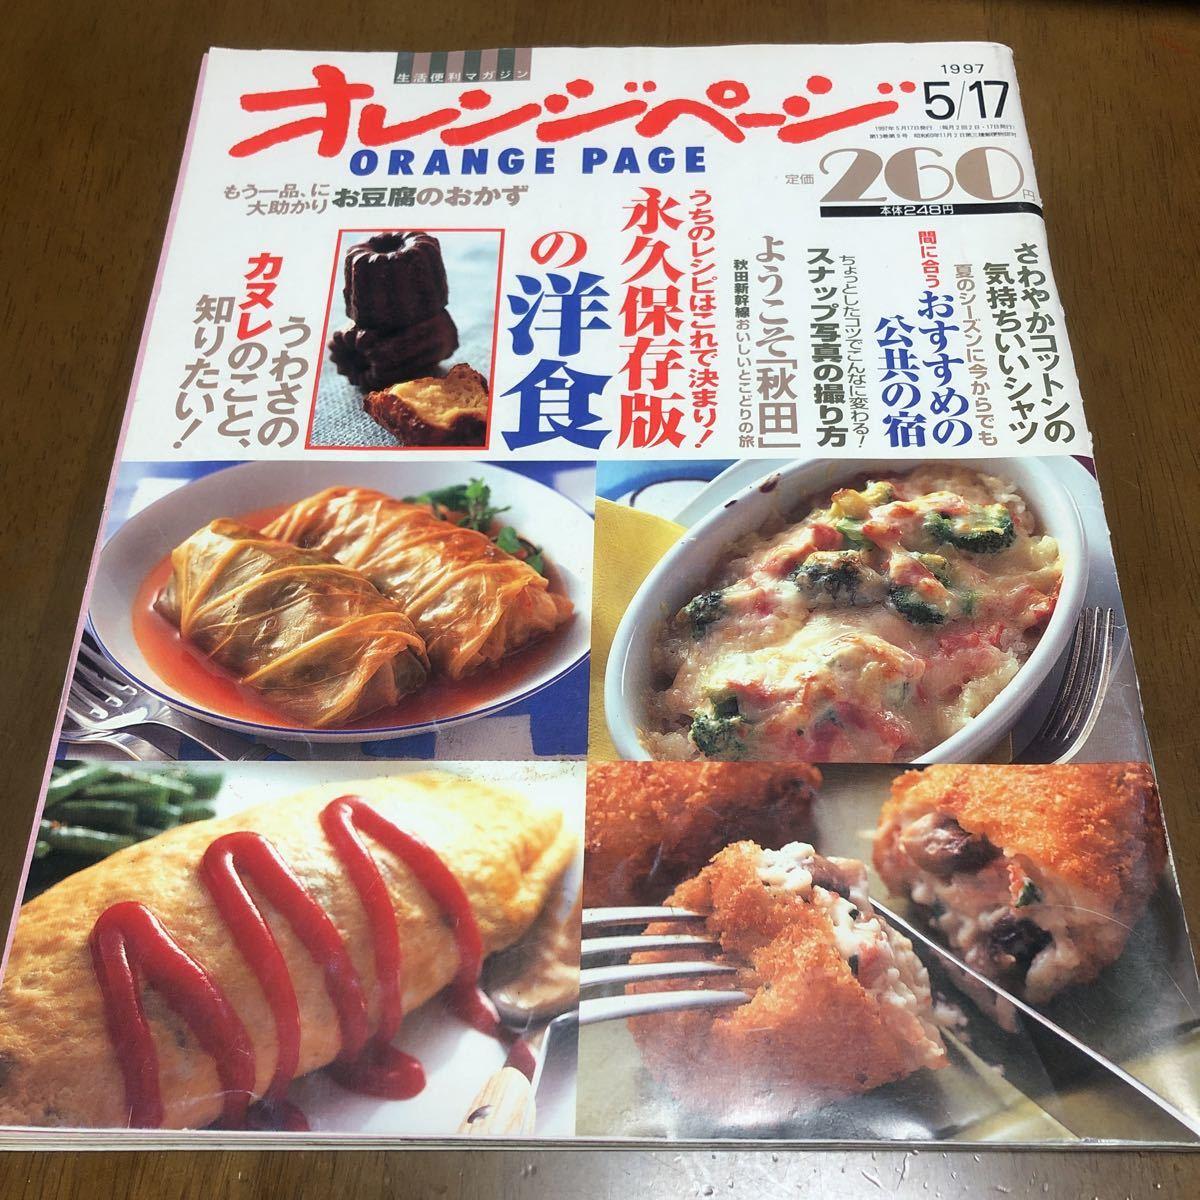 オレンジページ 永久保存版 洋食 かにクリームコロッケ クリームシチュー ドリア グラタン 豆腐のおかず 料理 レシピ